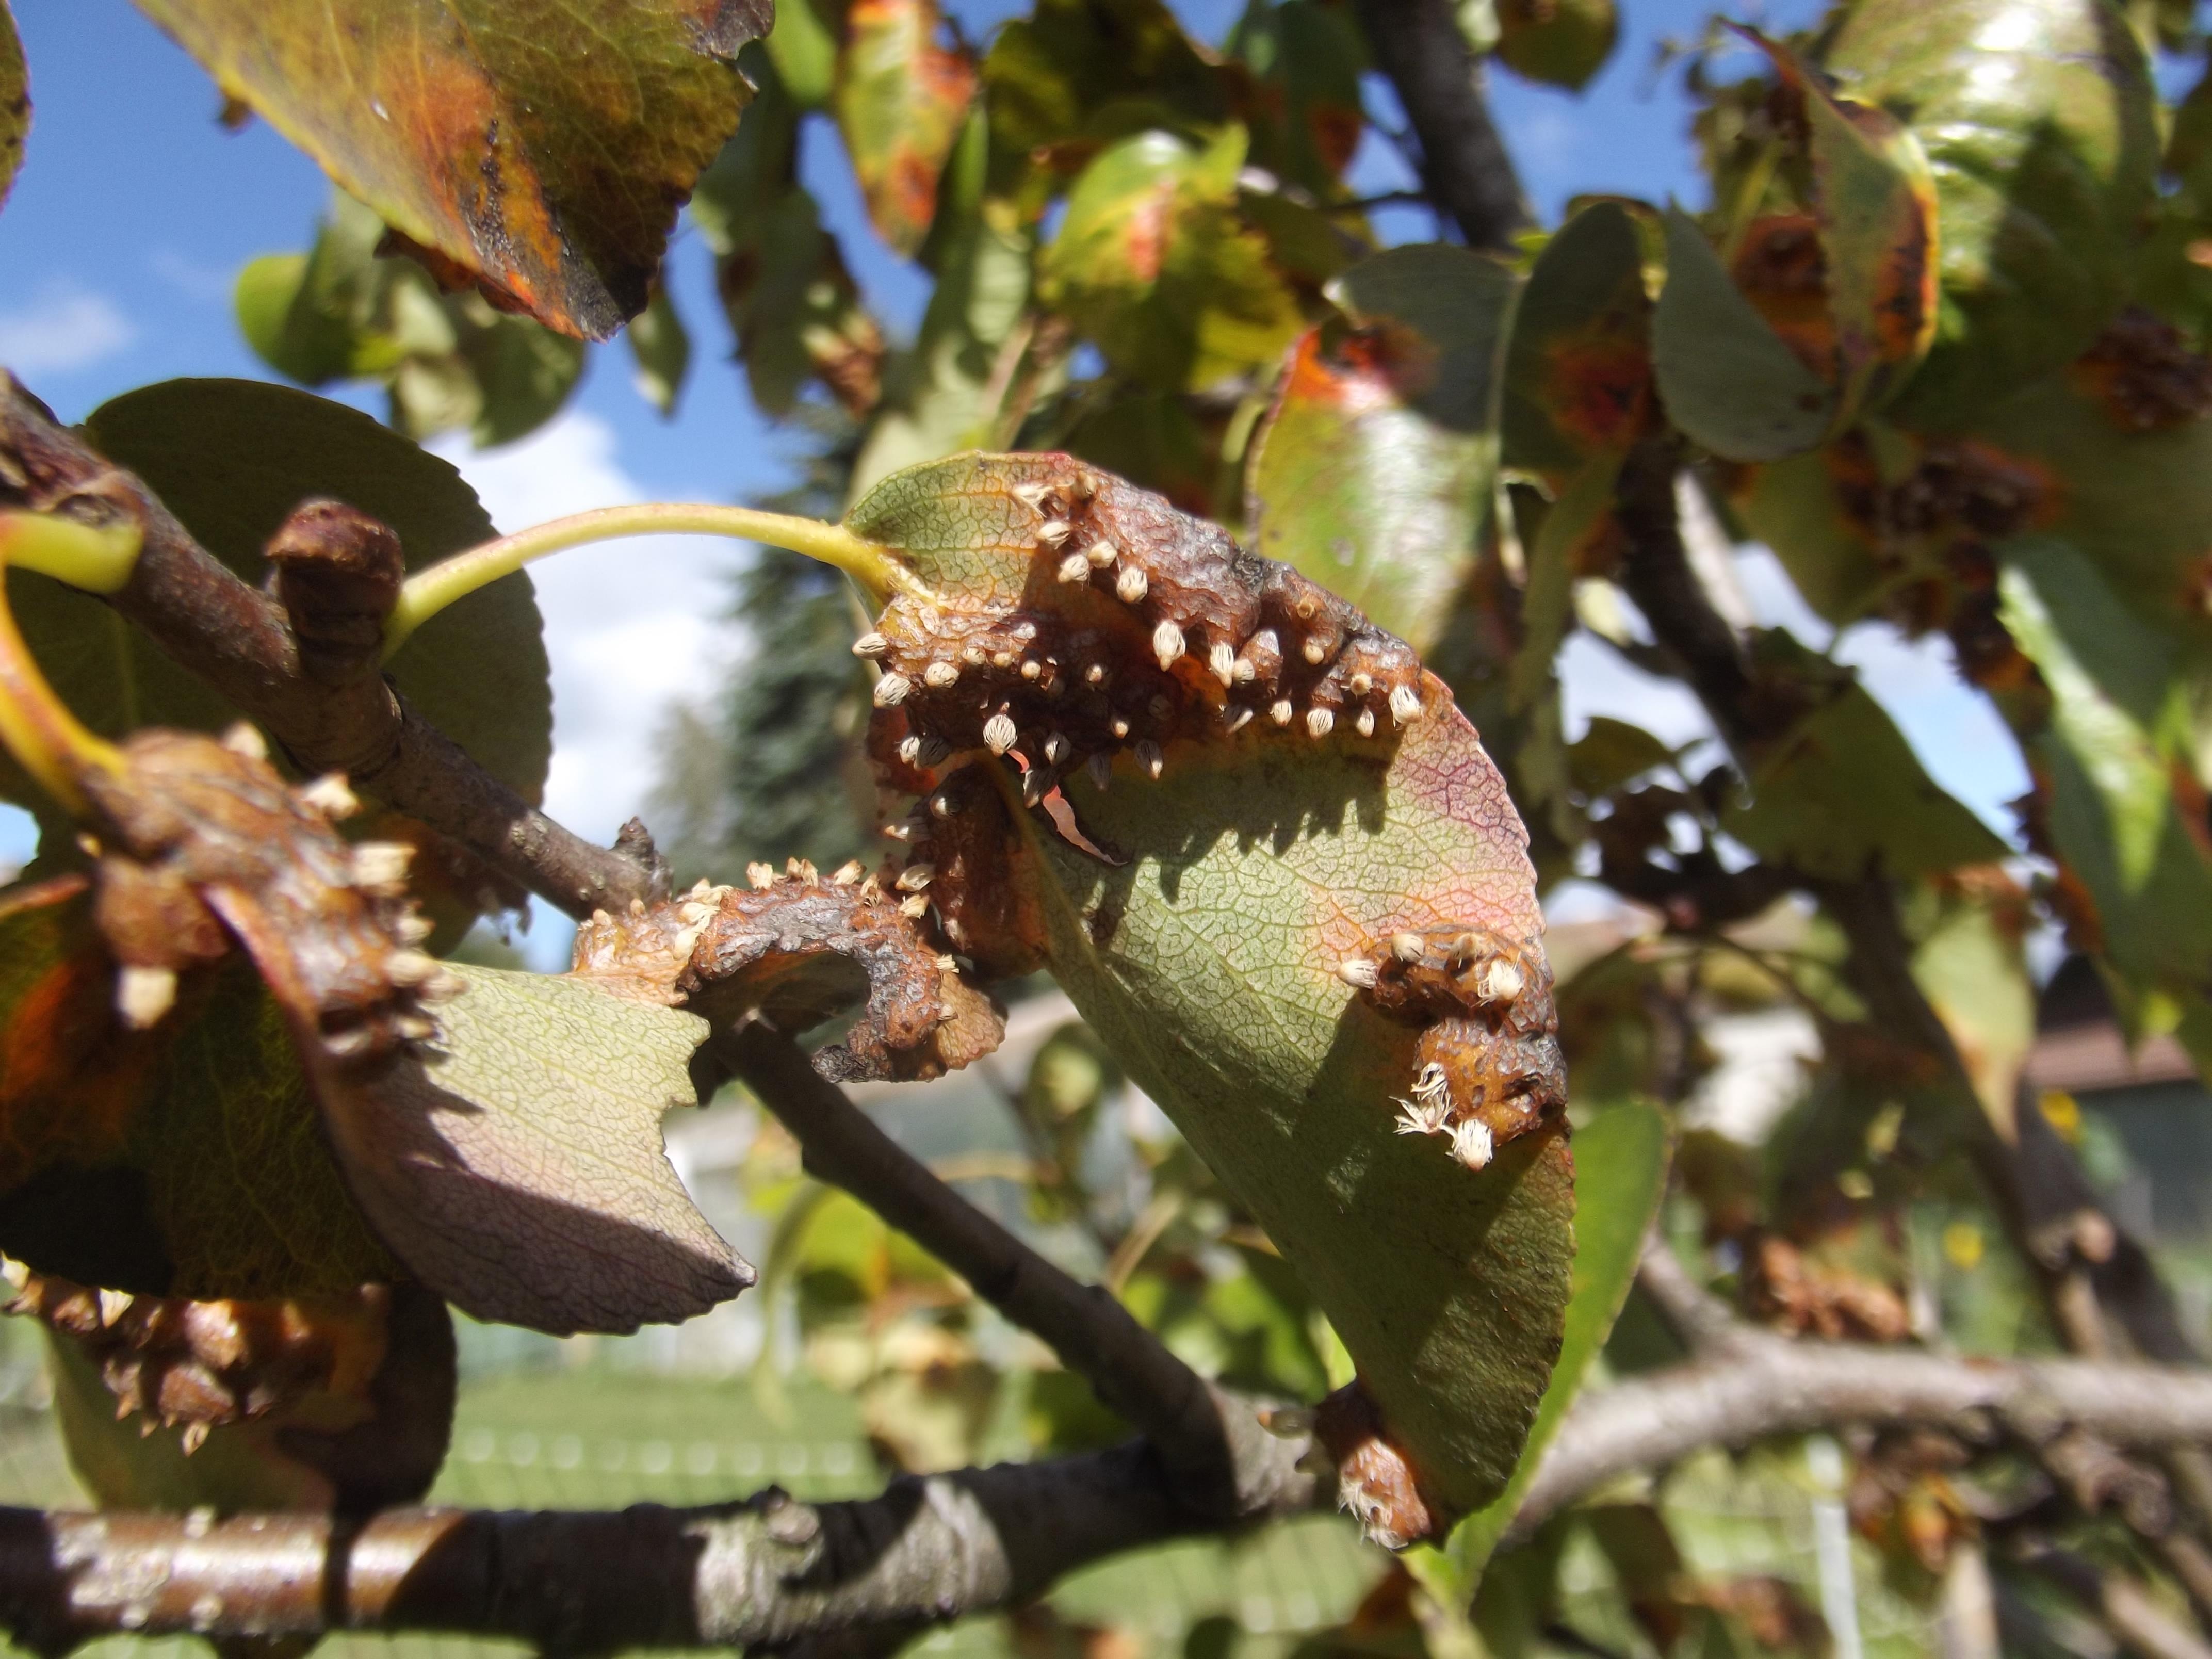 Maladie poirier rouille grillag e au jardin forum de jardinage - Maladie des arbres fruitiers ...